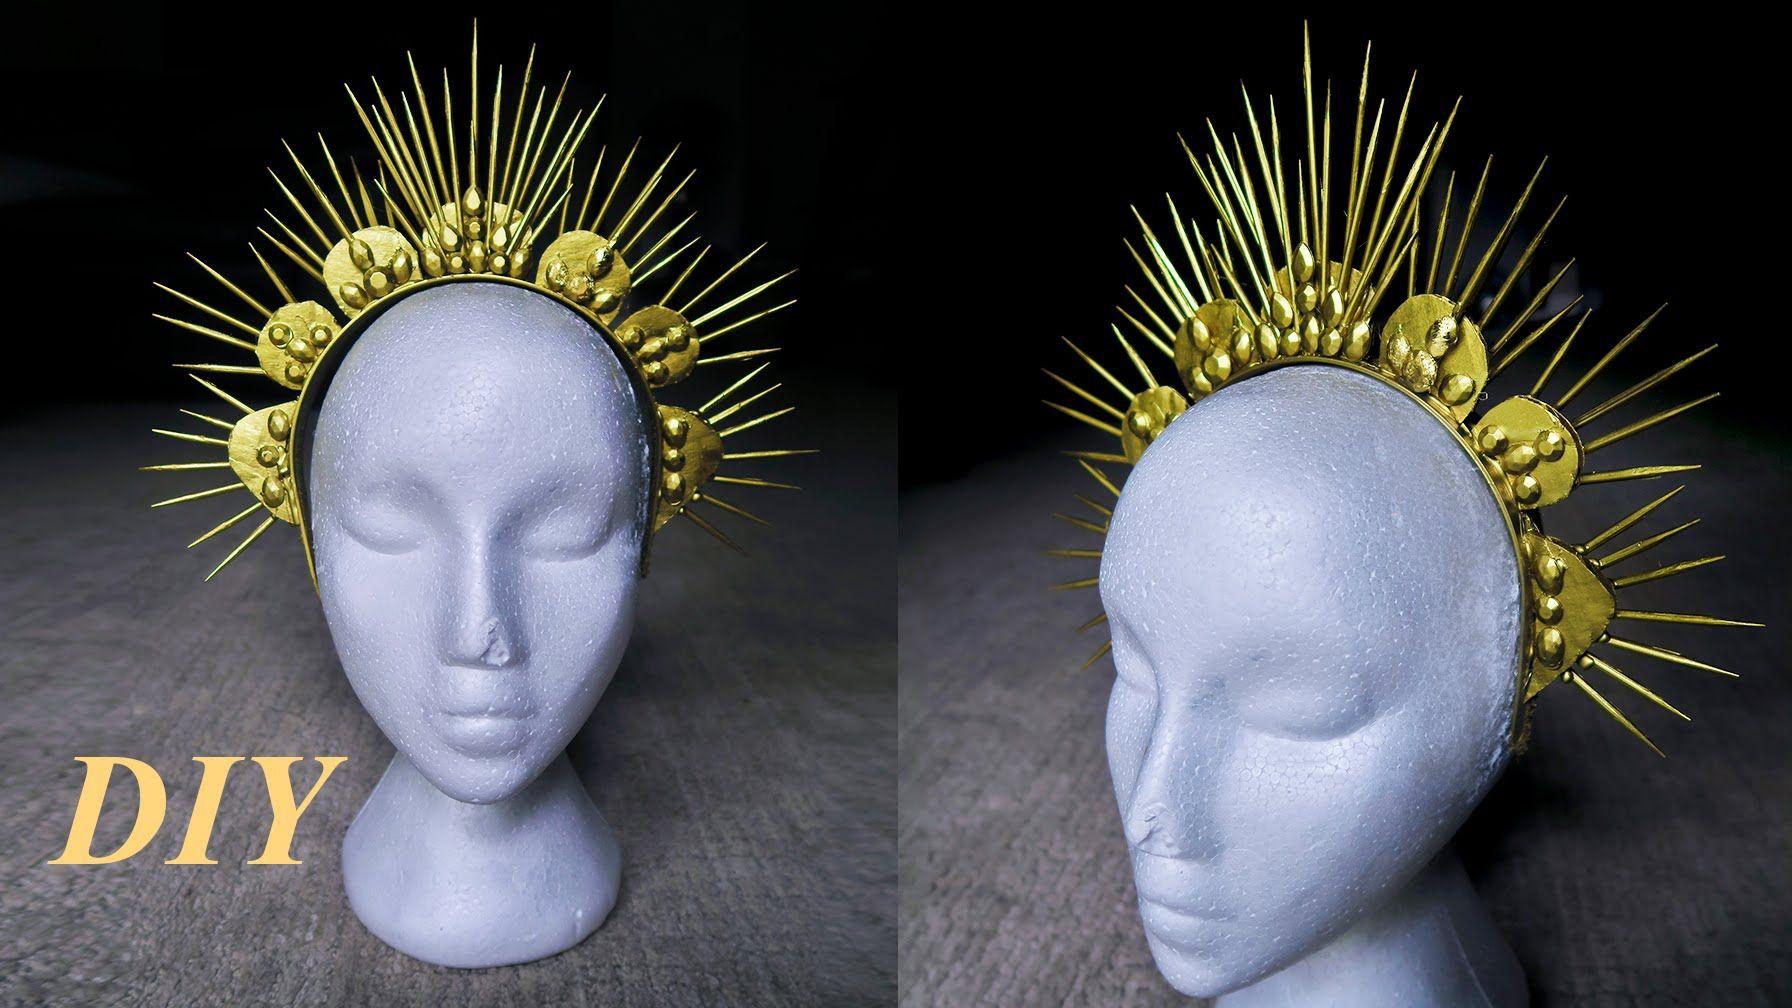 Diy Gold Spike Crown Using Skewers Holidays Pinterest Diy Diy